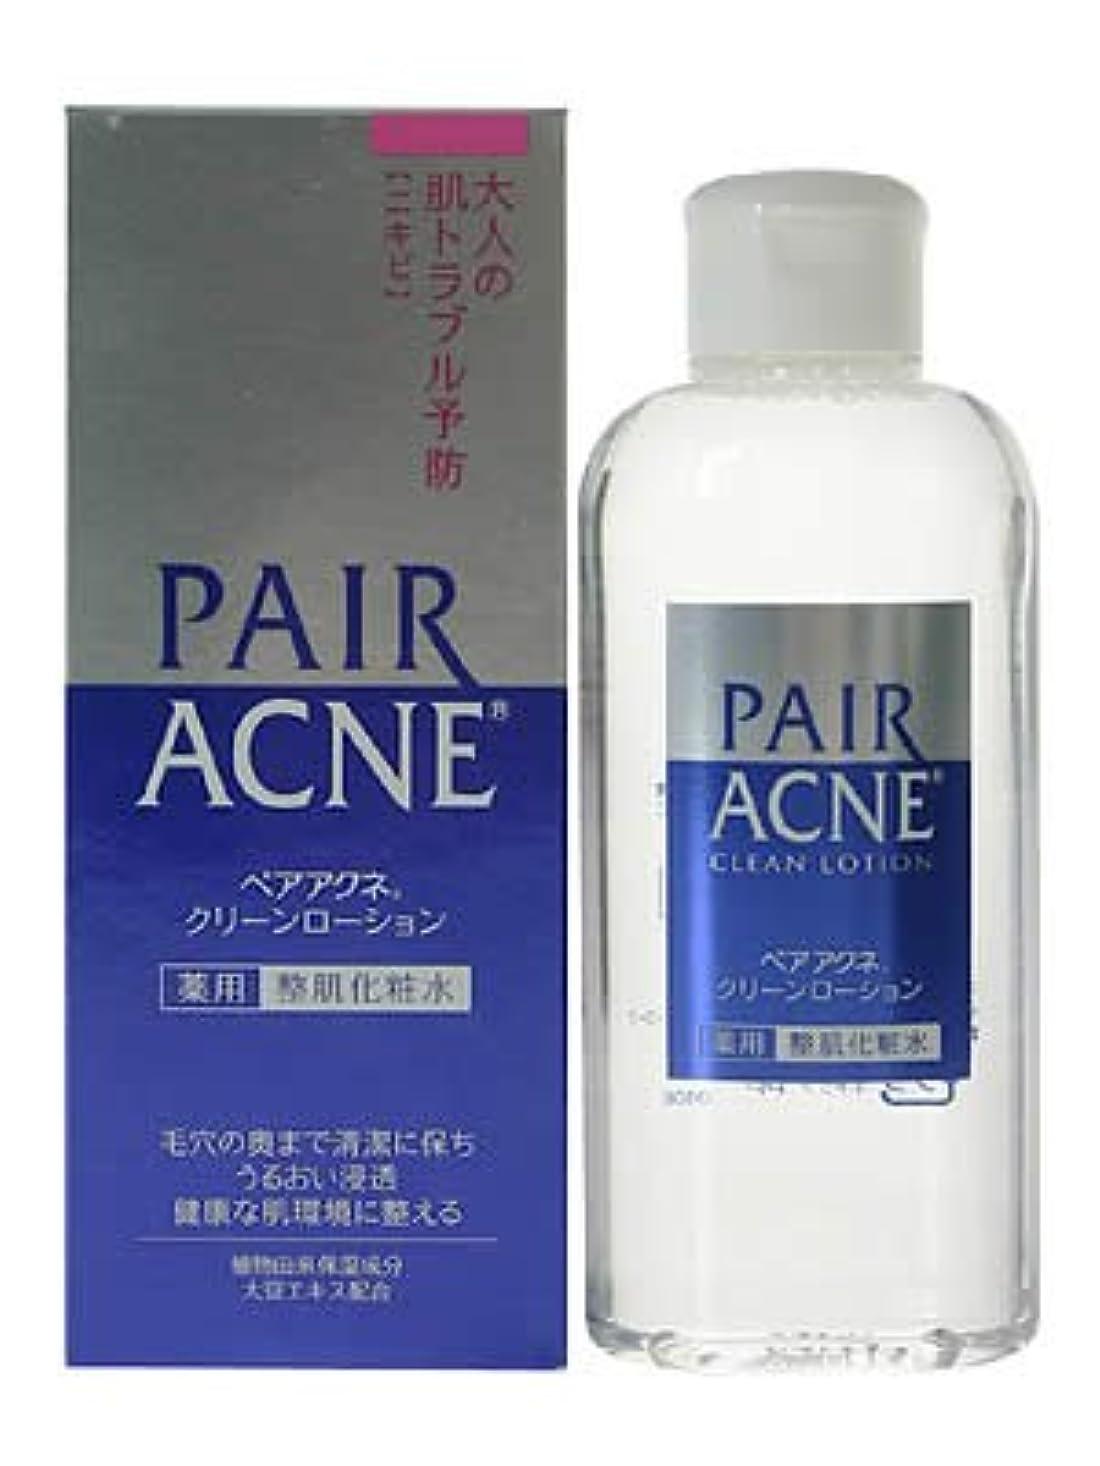 大胆締める宮殿ペアアクネ クリーンローション 160ml (薬用整肌化粧水)